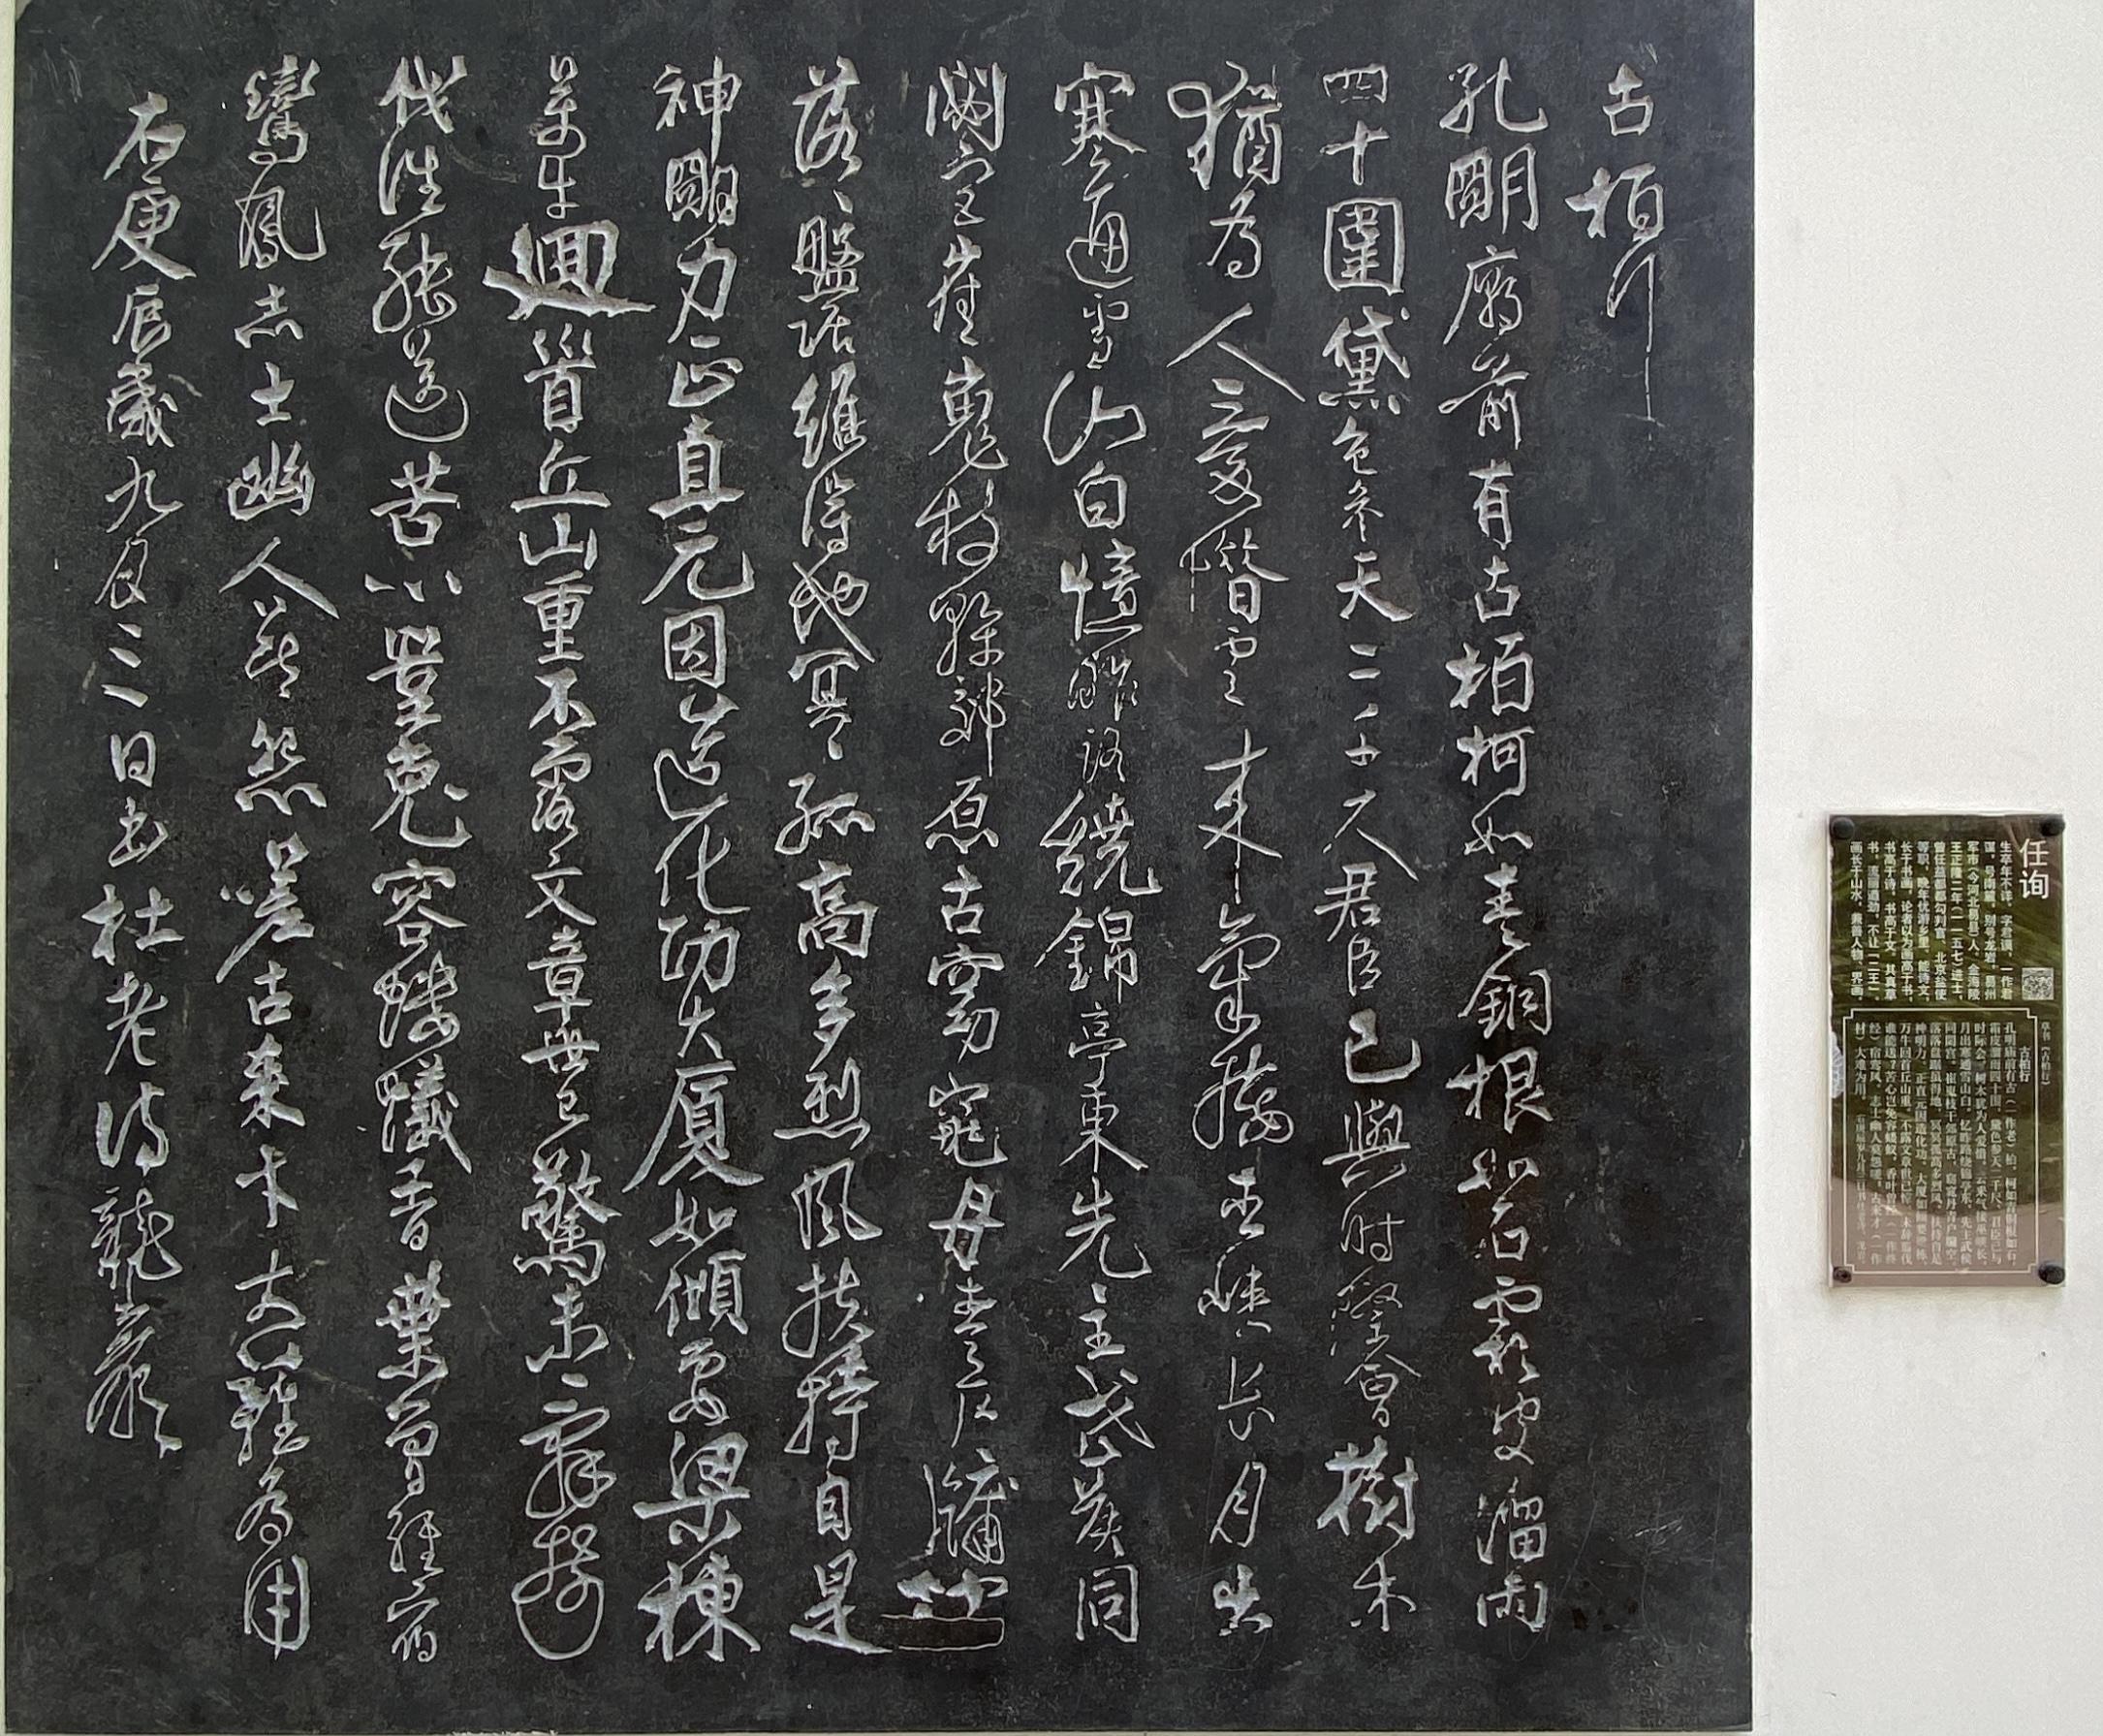 古柏行-杜甫千詩碑-浣花溪公園-成都杜甫草堂博物館-書:任詢